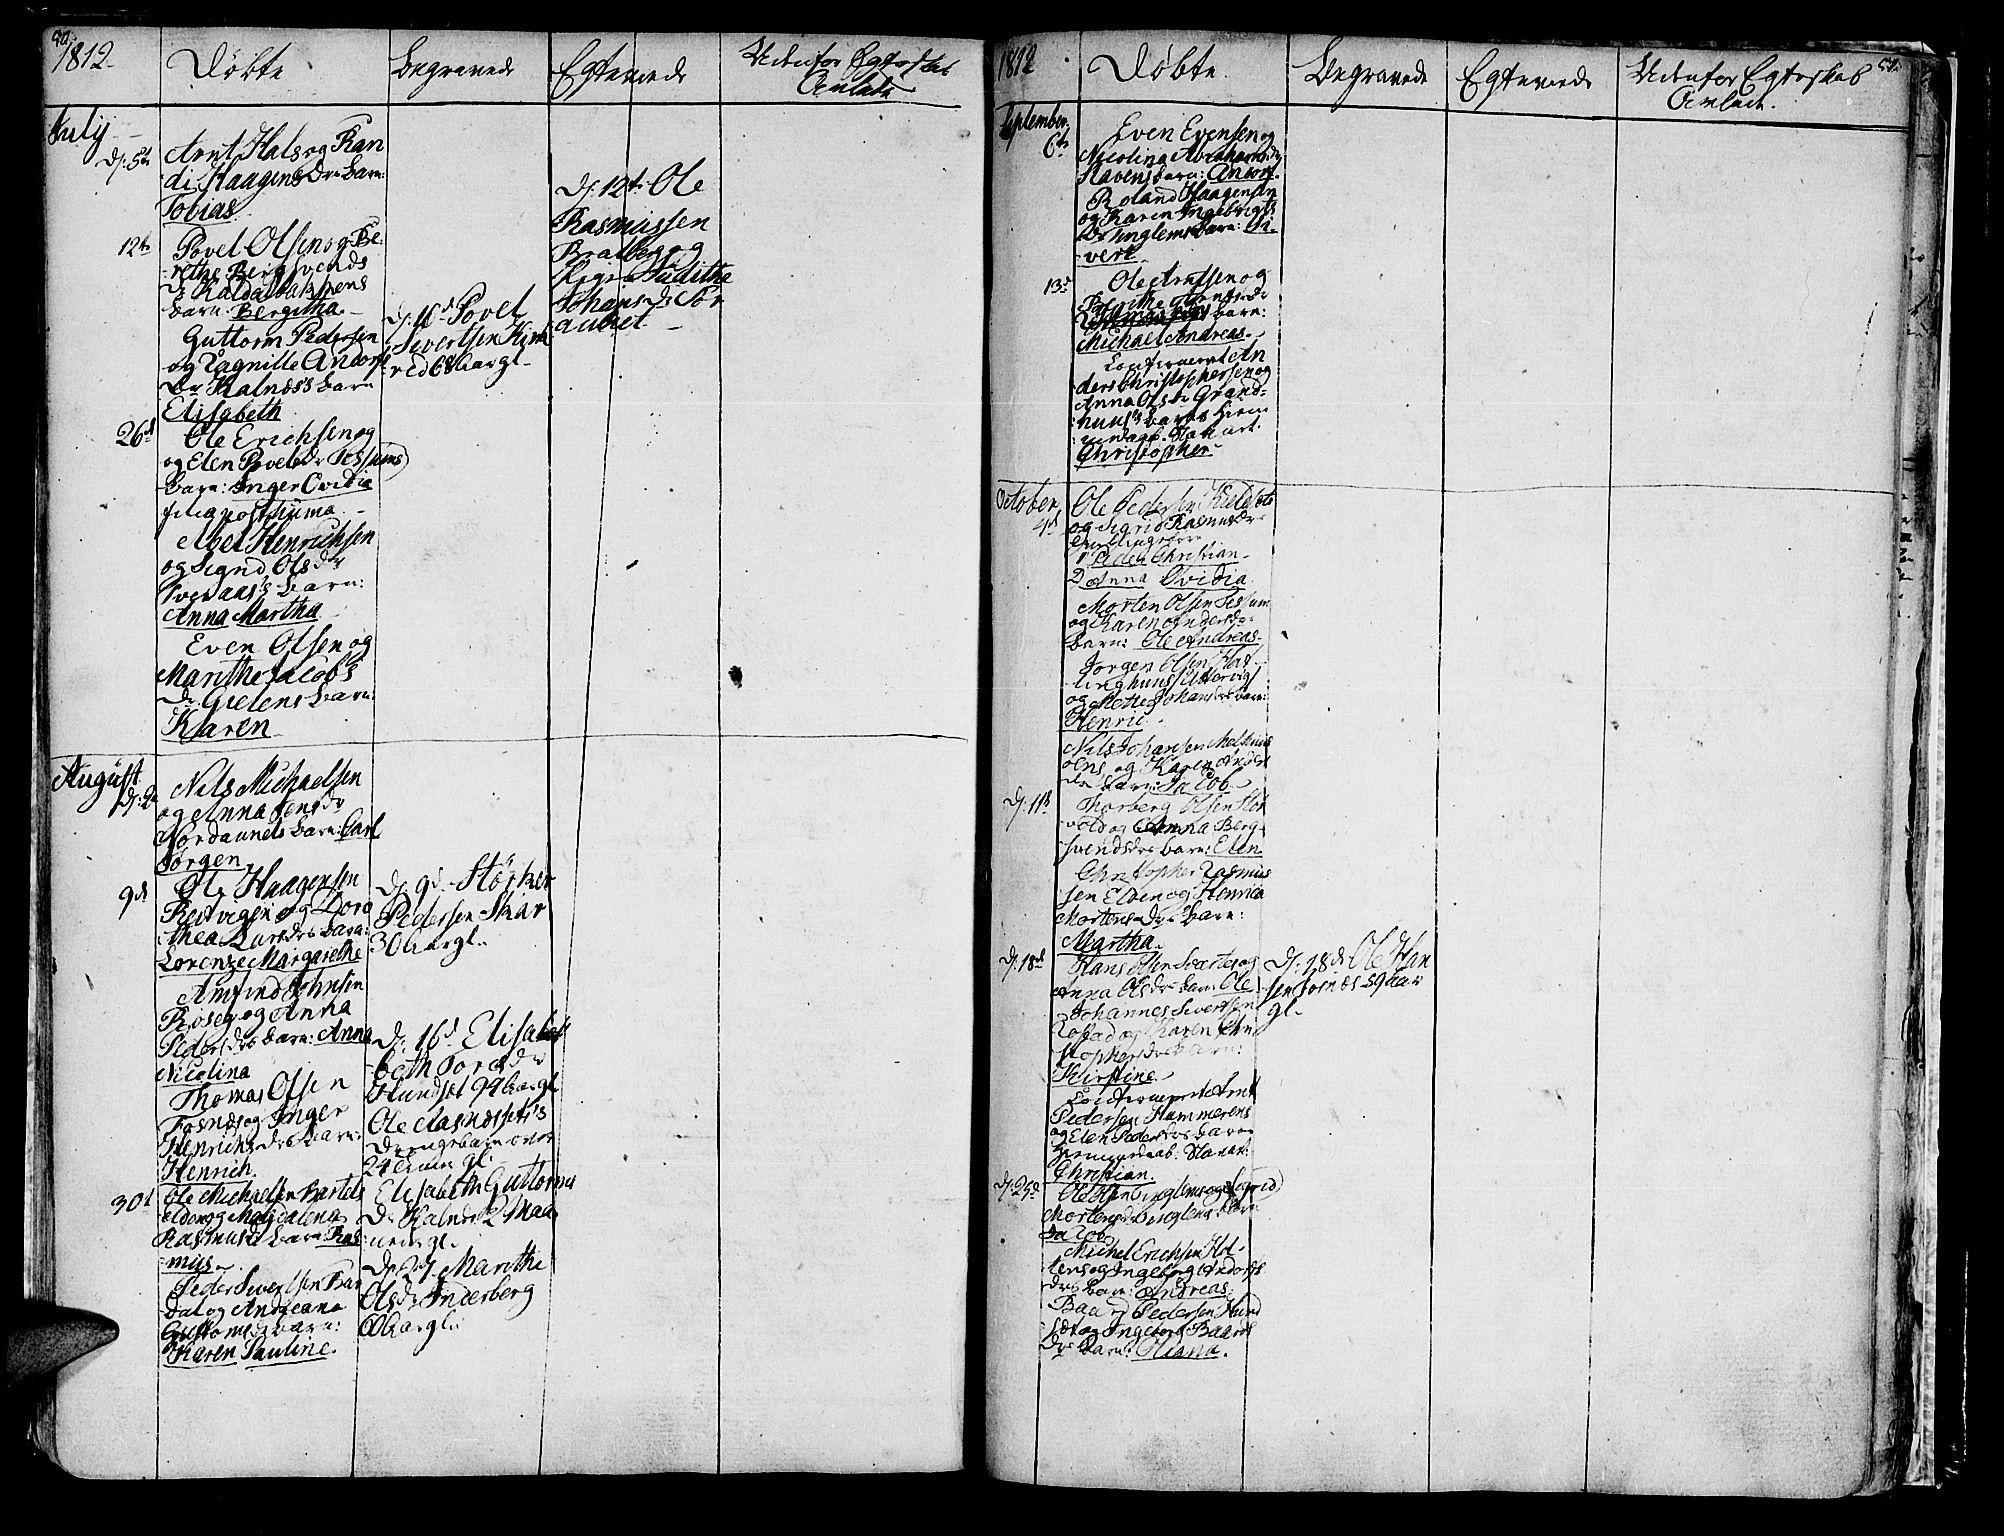 SAT, Ministerialprotokoller, klokkerbøker og fødselsregistre - Nord-Trøndelag, 741/L0386: Ministerialbok nr. 741A02, 1804-1816, s. 50-51